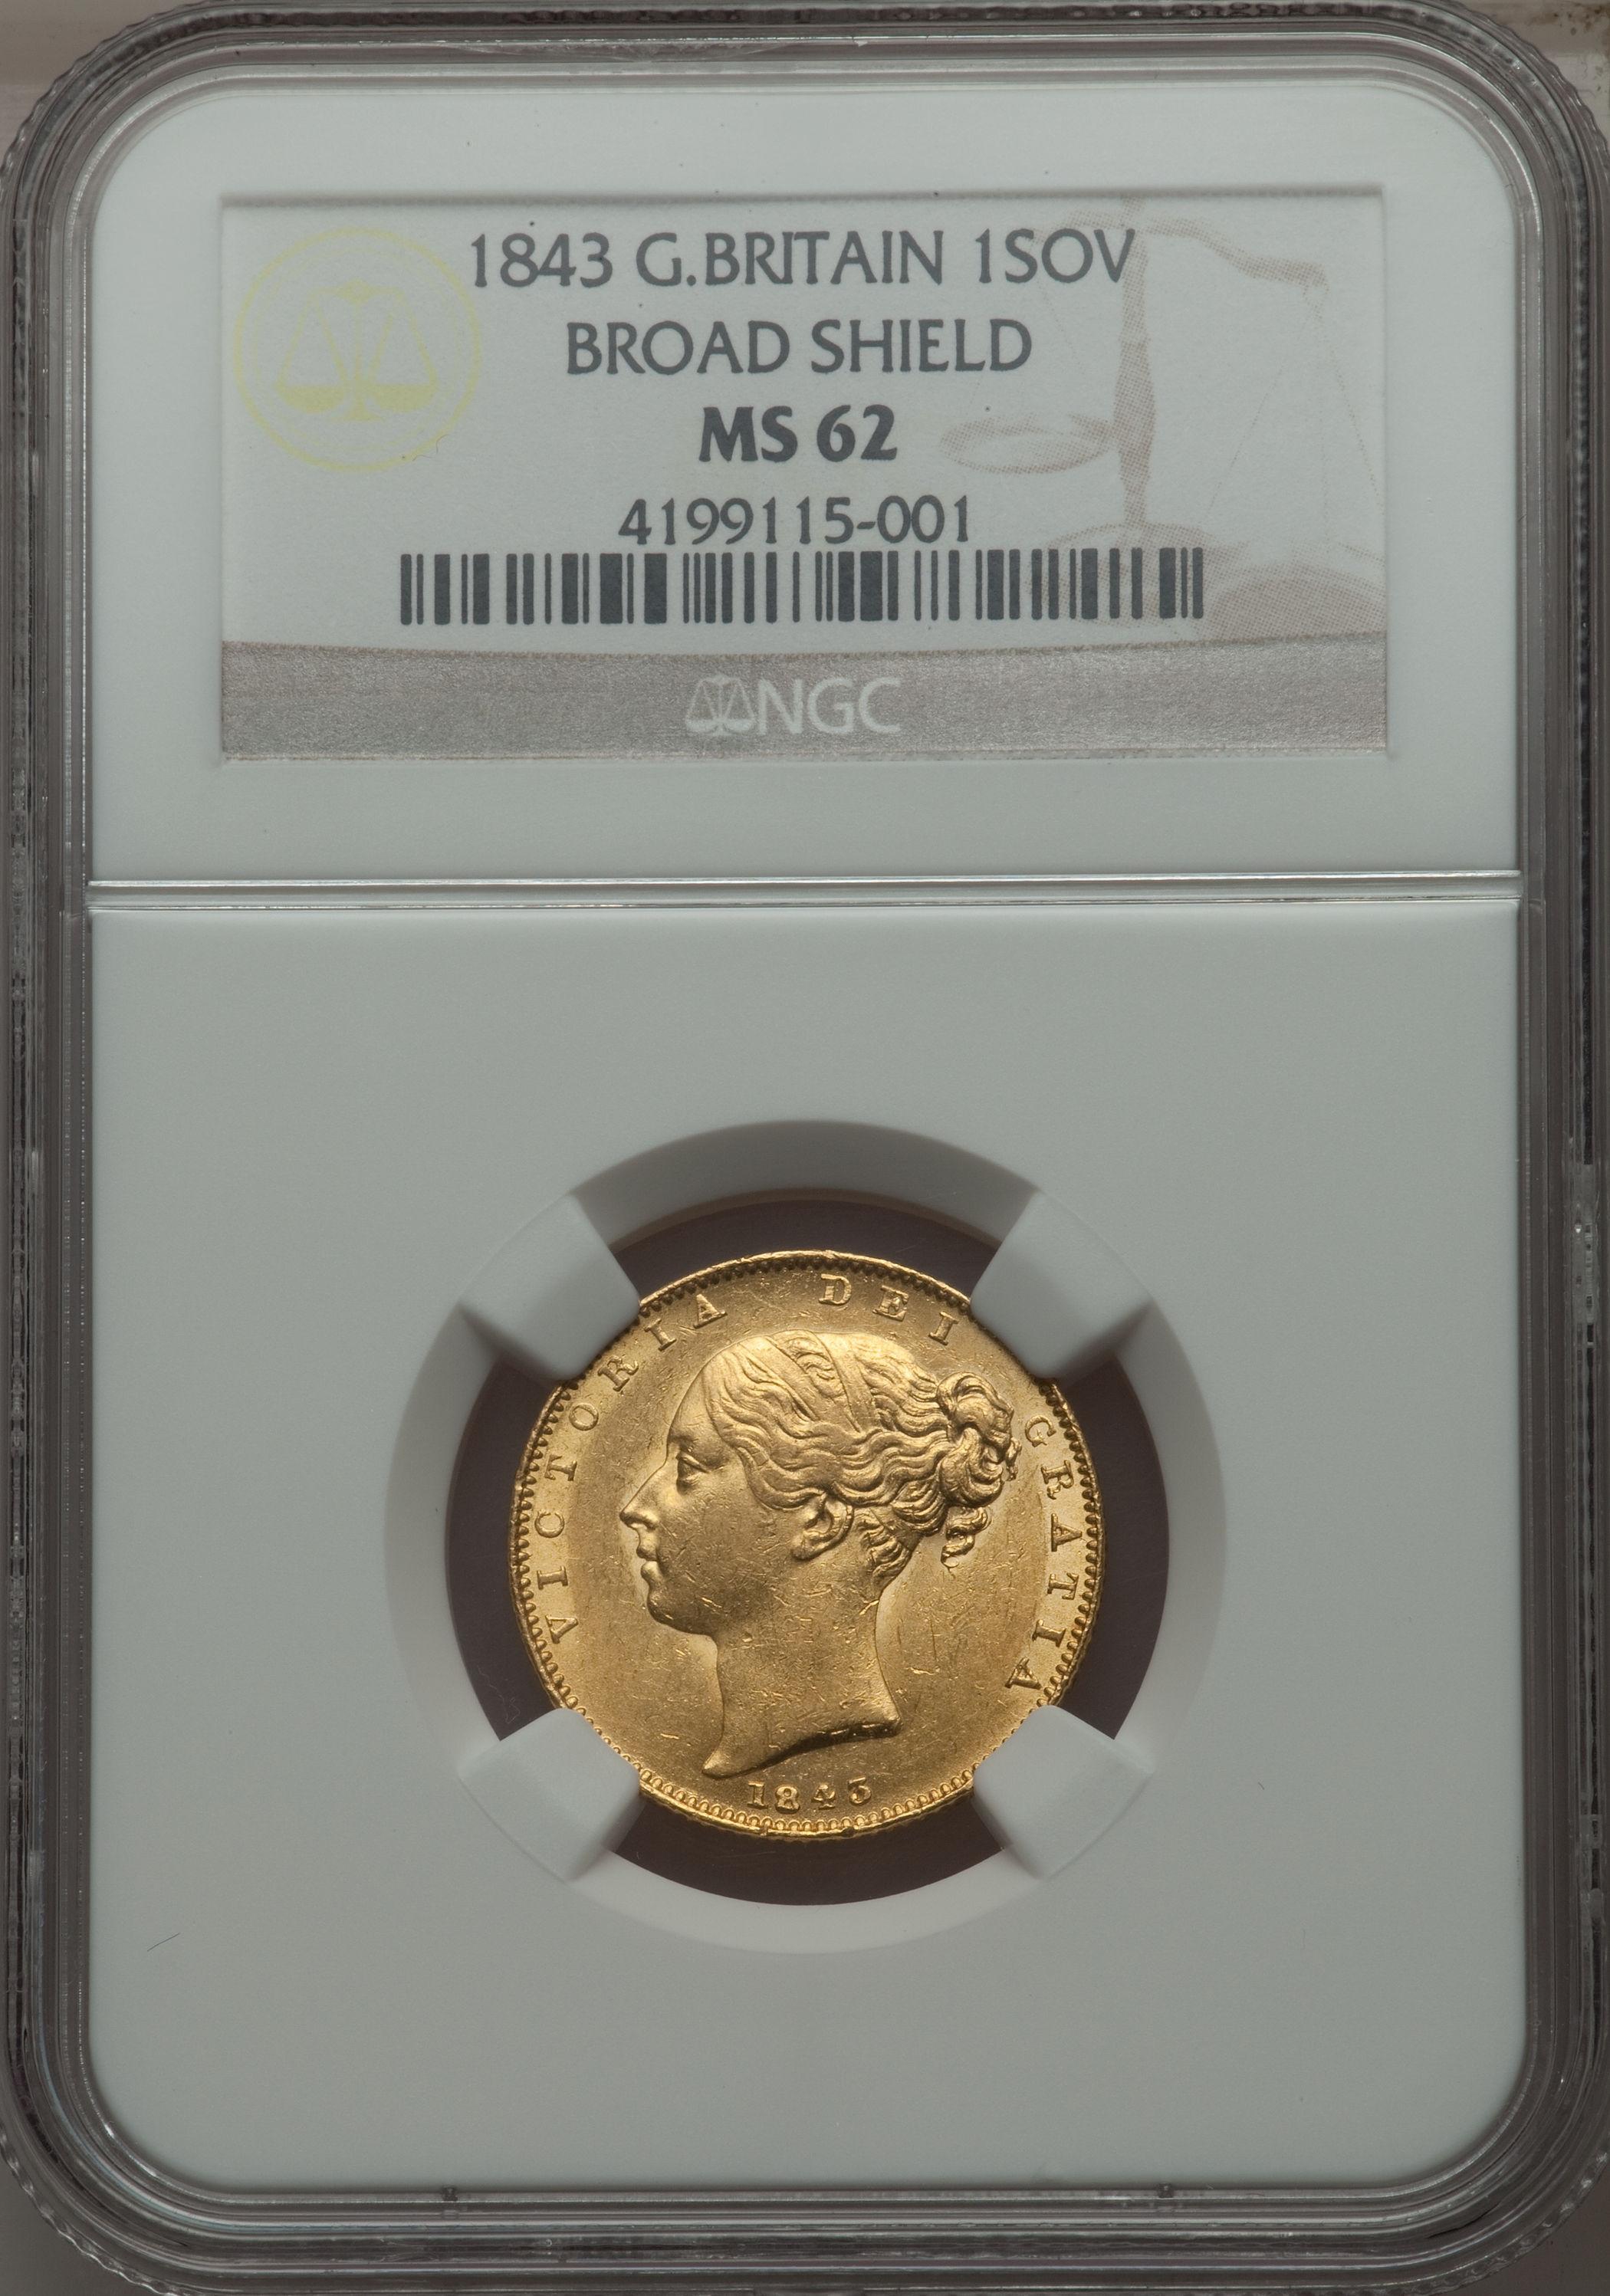 【動画あり】アンティークコイン グレートブリテン金貨 Victoria gold Sovereign 1843 MS62 NGC Royal mint, KM736.1, S-3852. Board Shield variety